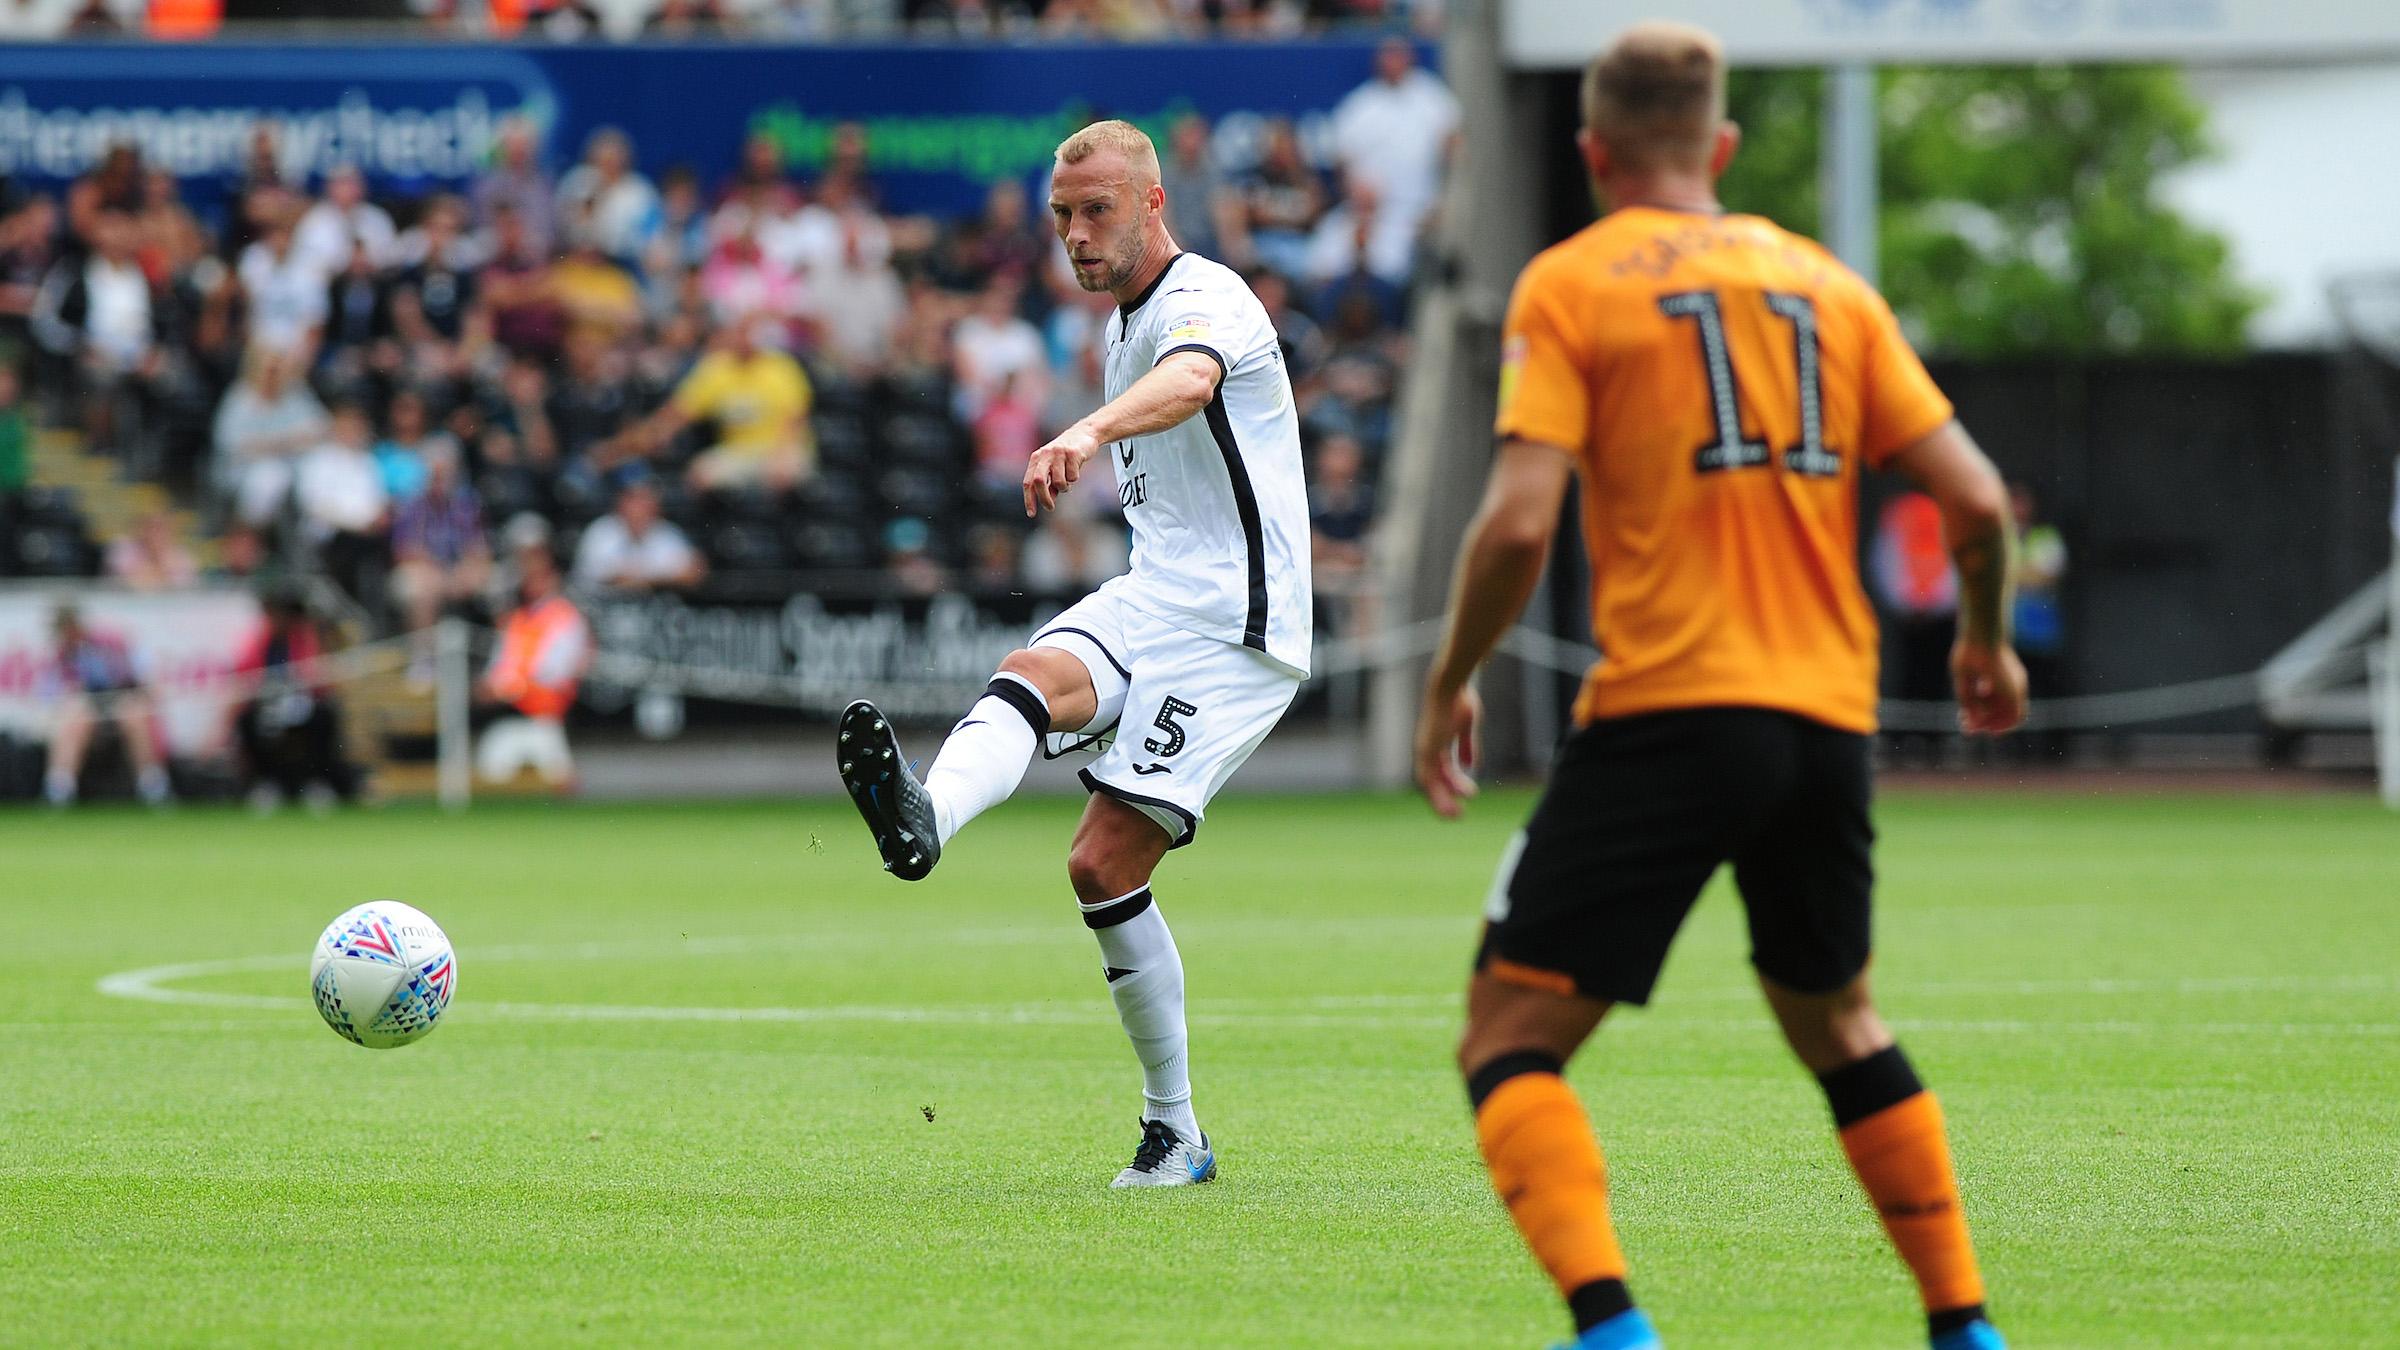 Swansea City v Hull City